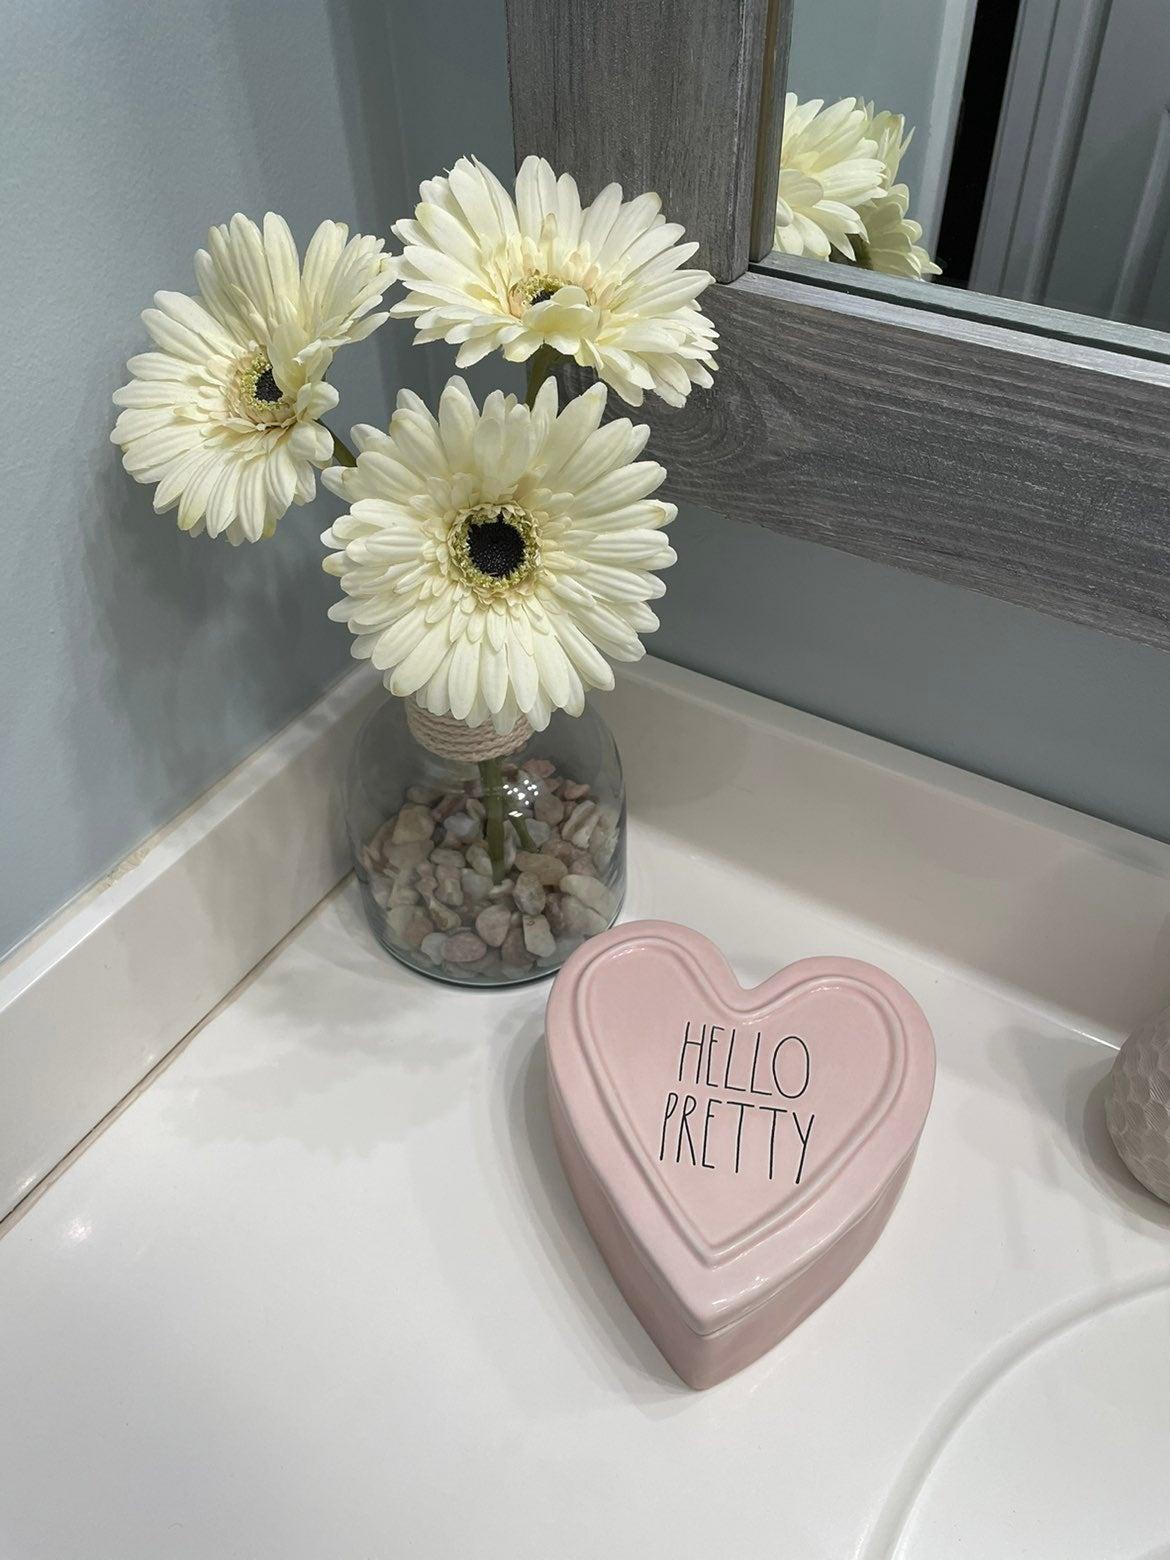 Rae Dunn Hello Pretty Heart Pink box